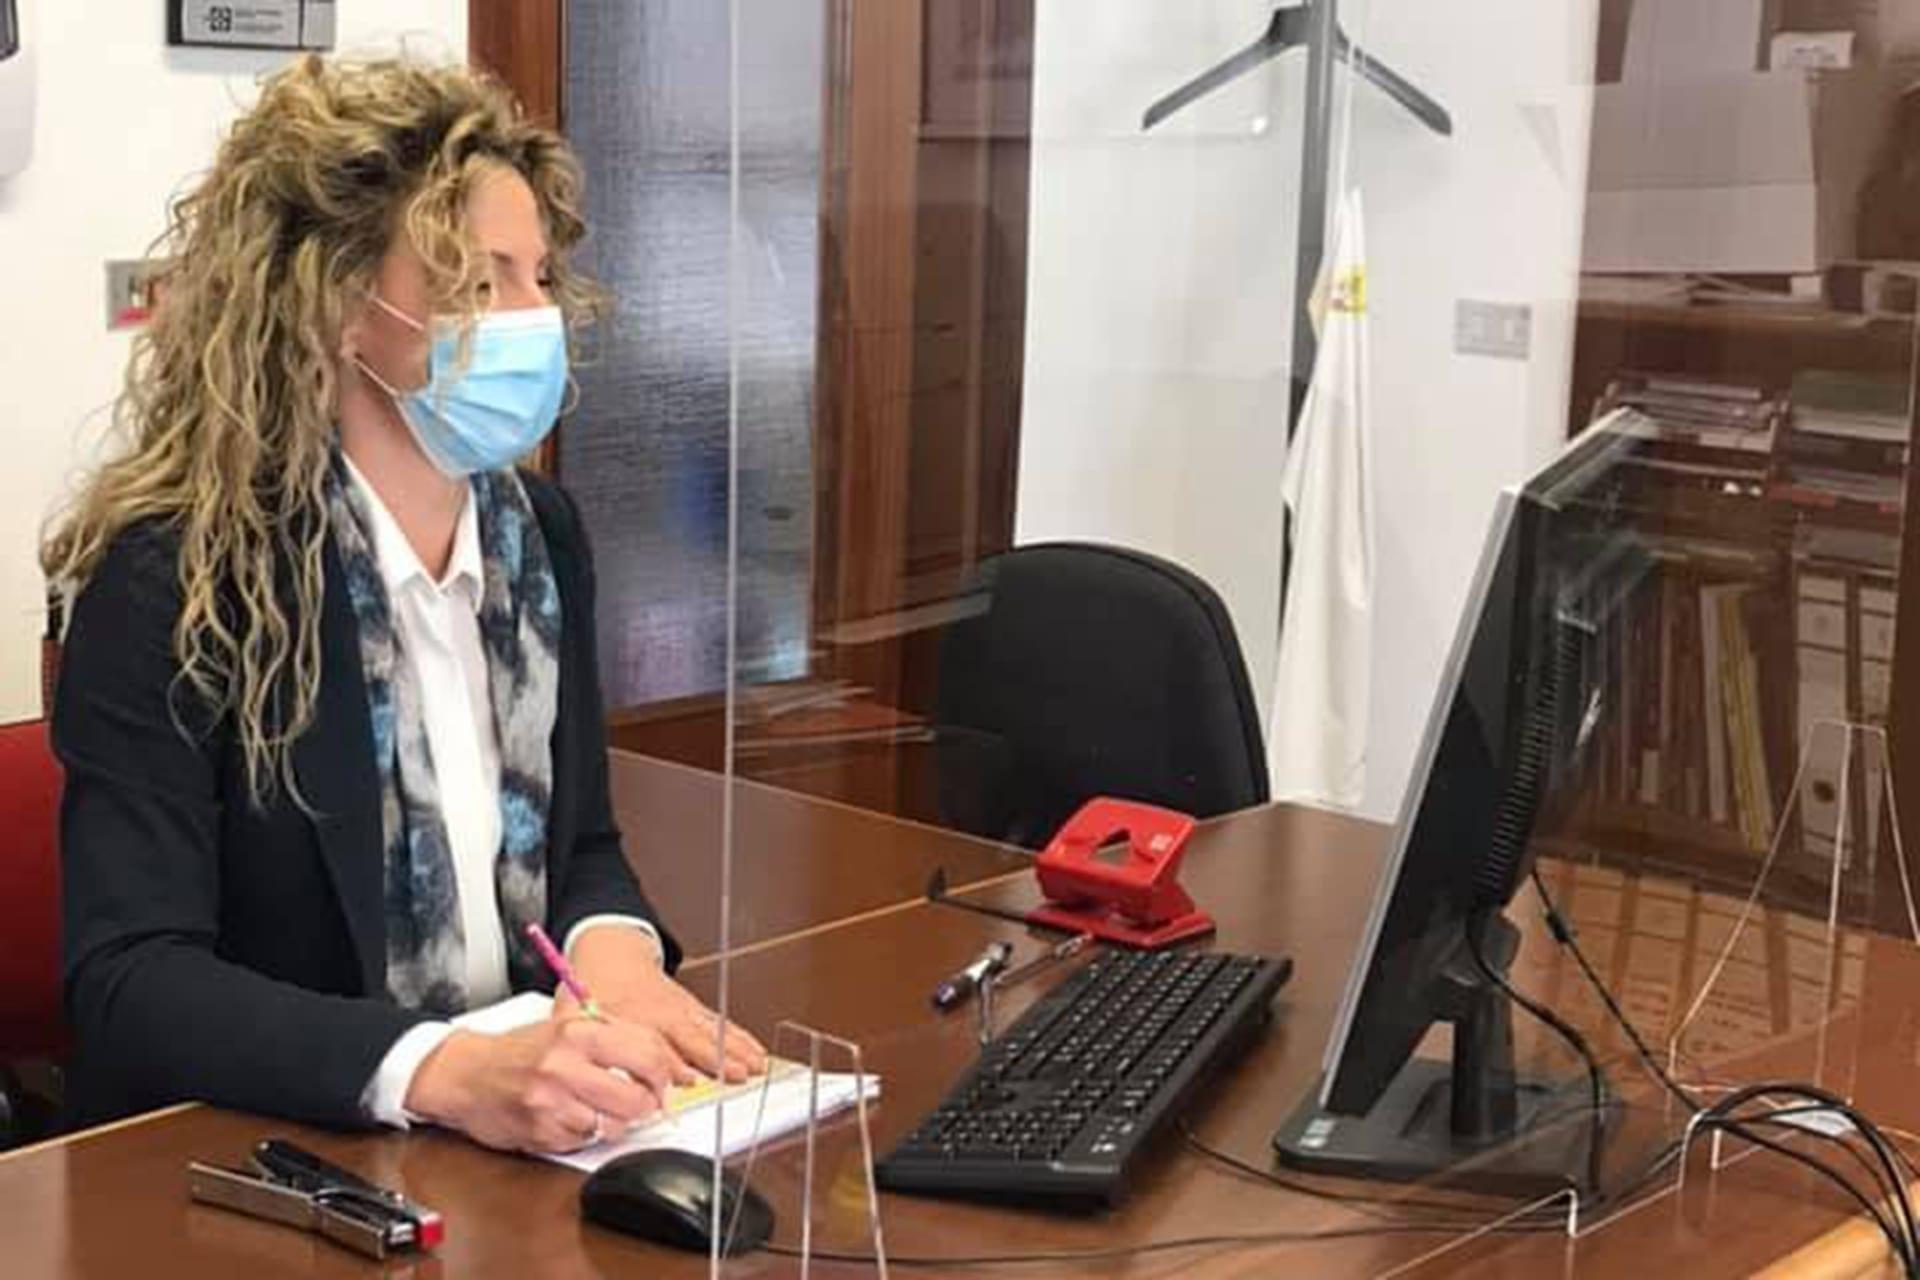 Segretaria che svolge il suo lavoro in ufficio davanti al pc protetta con apposito schermo protettivo per il pubblico